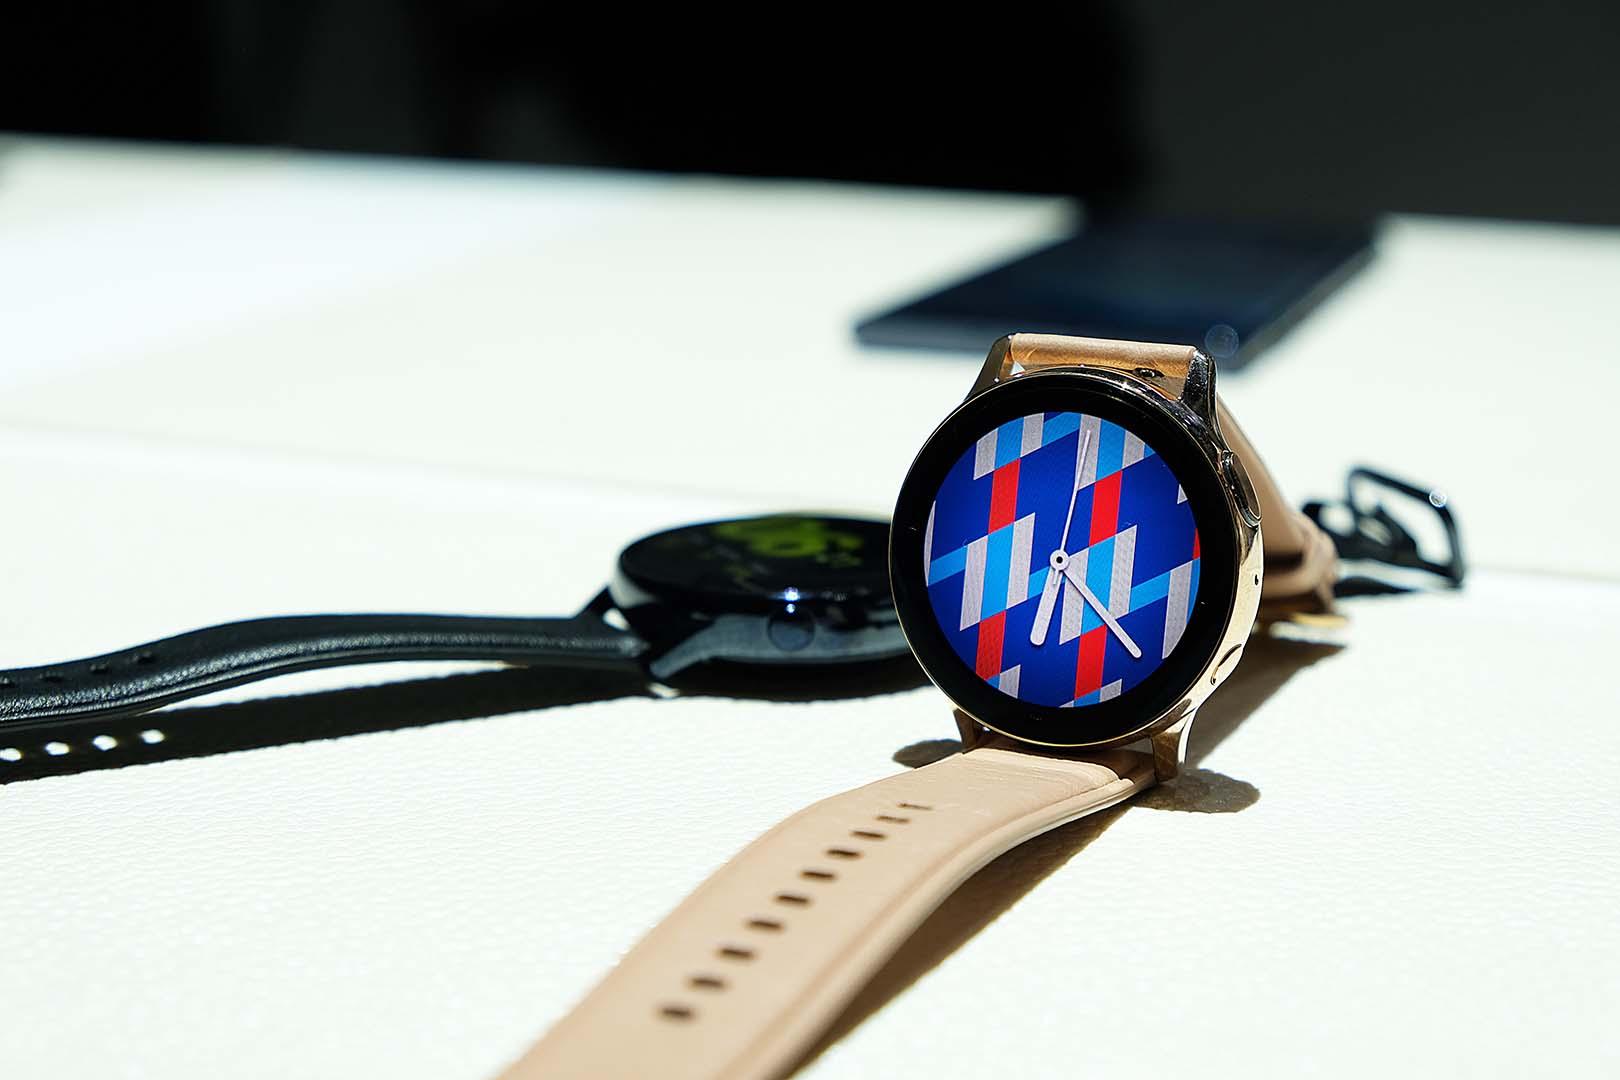 El Watch Active 2 no es solo un smartwatch deportivo: probamos el nuevo reloj inteligente de Samsung